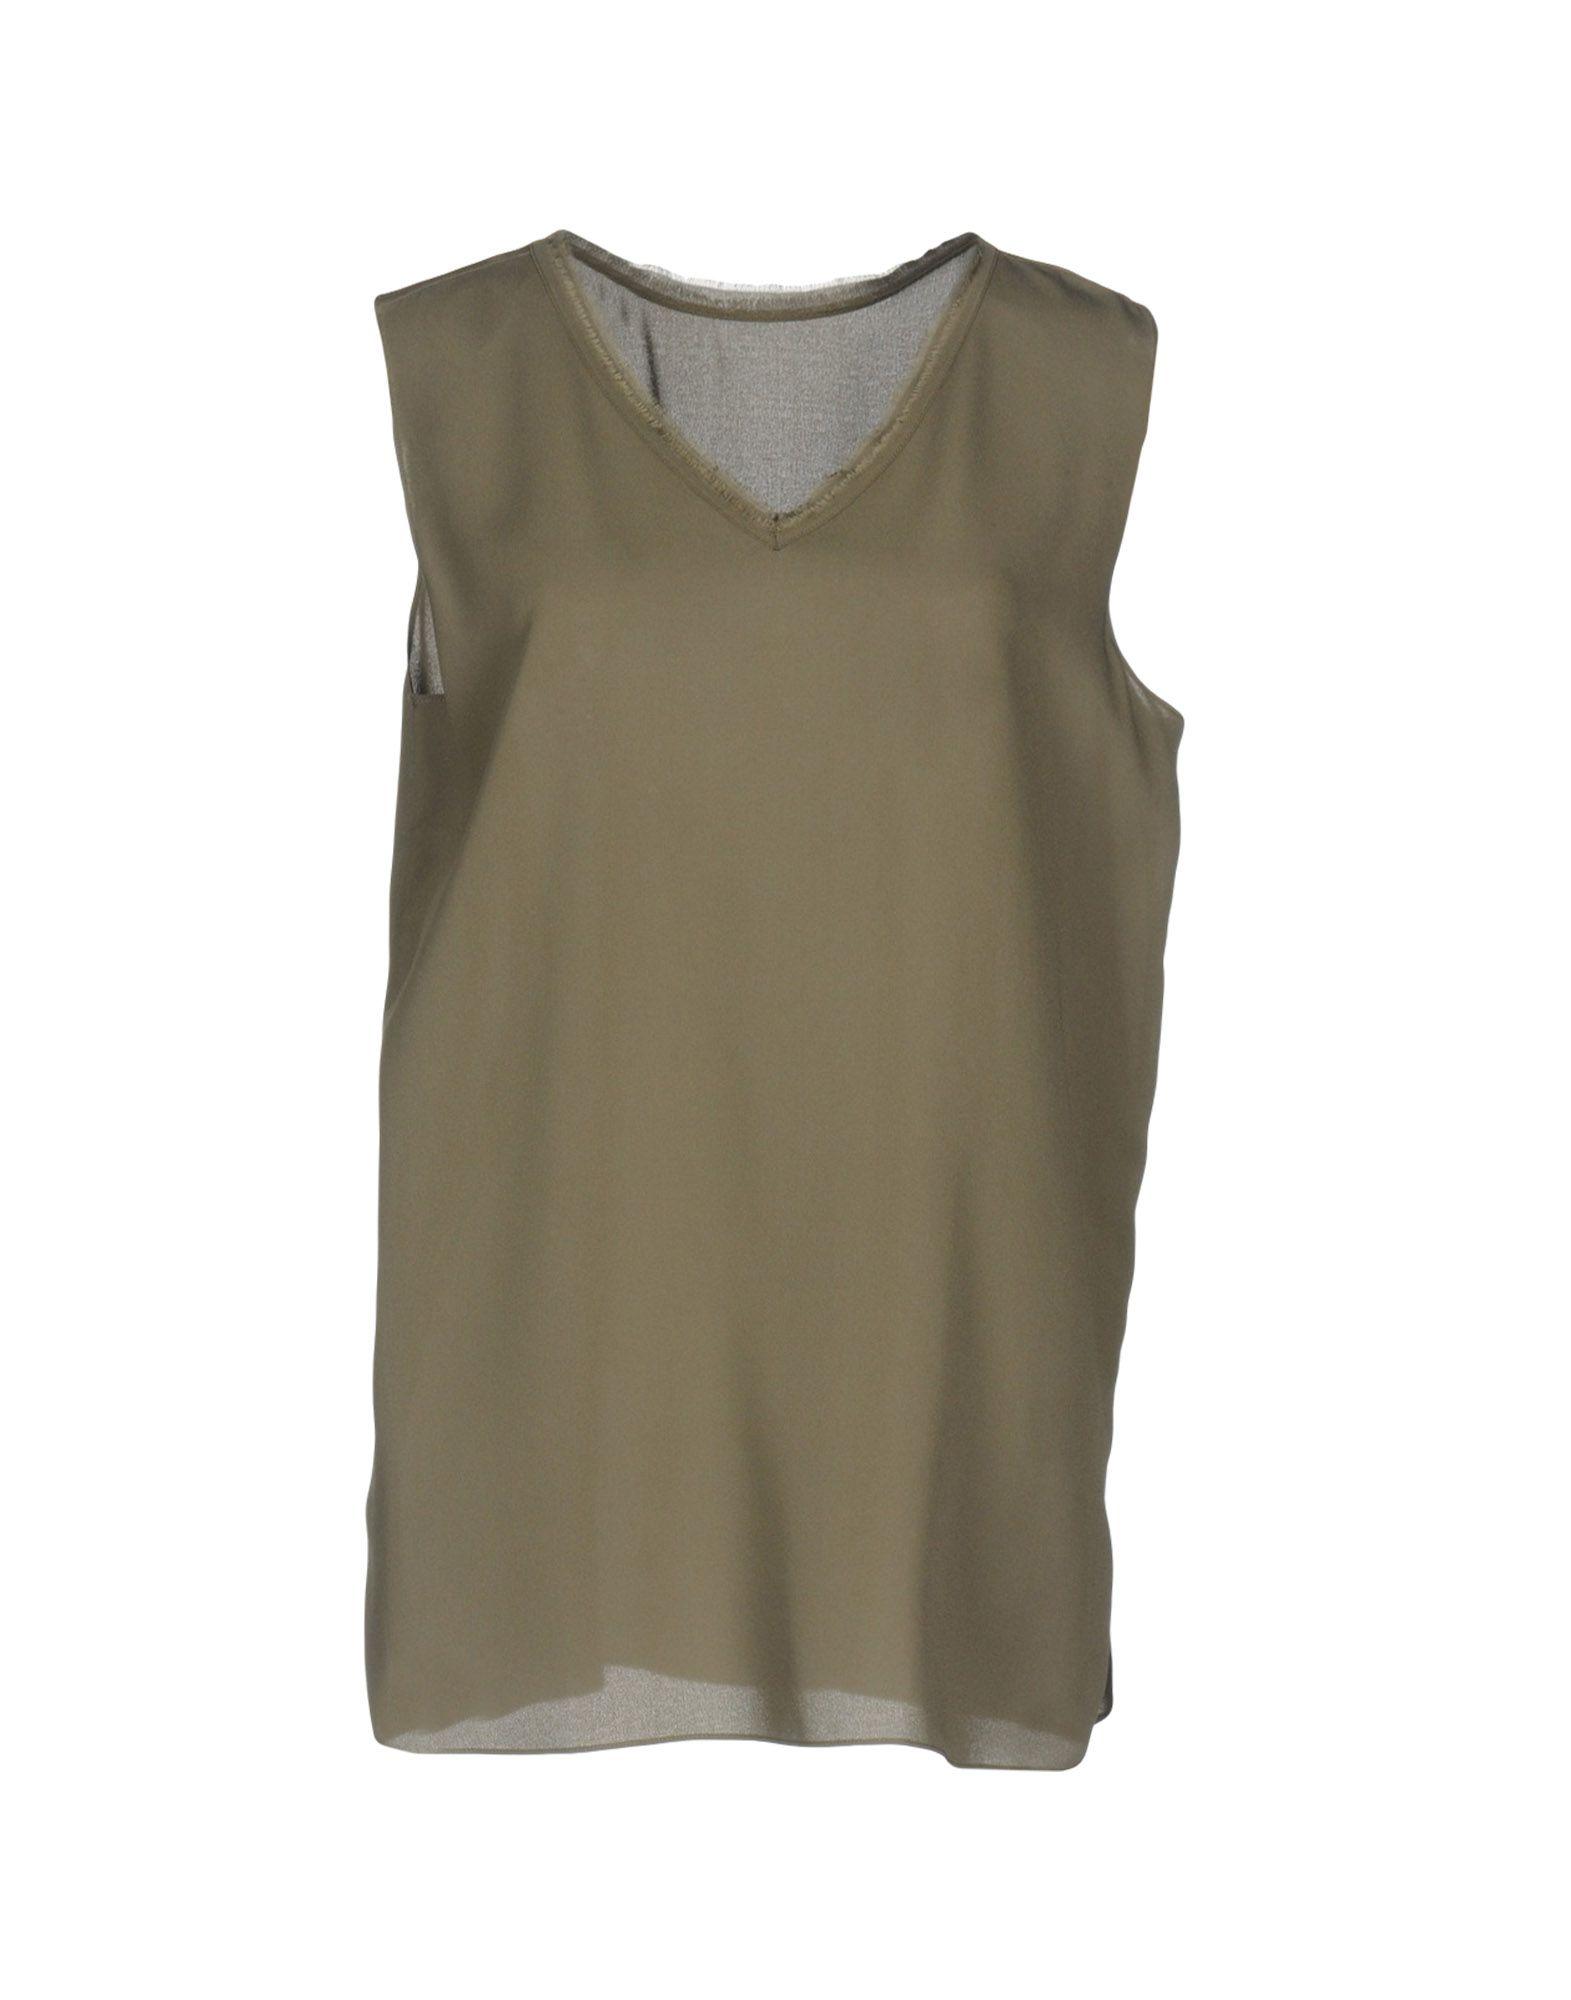 IRIS VAN HERPEN Silk Top in Grey